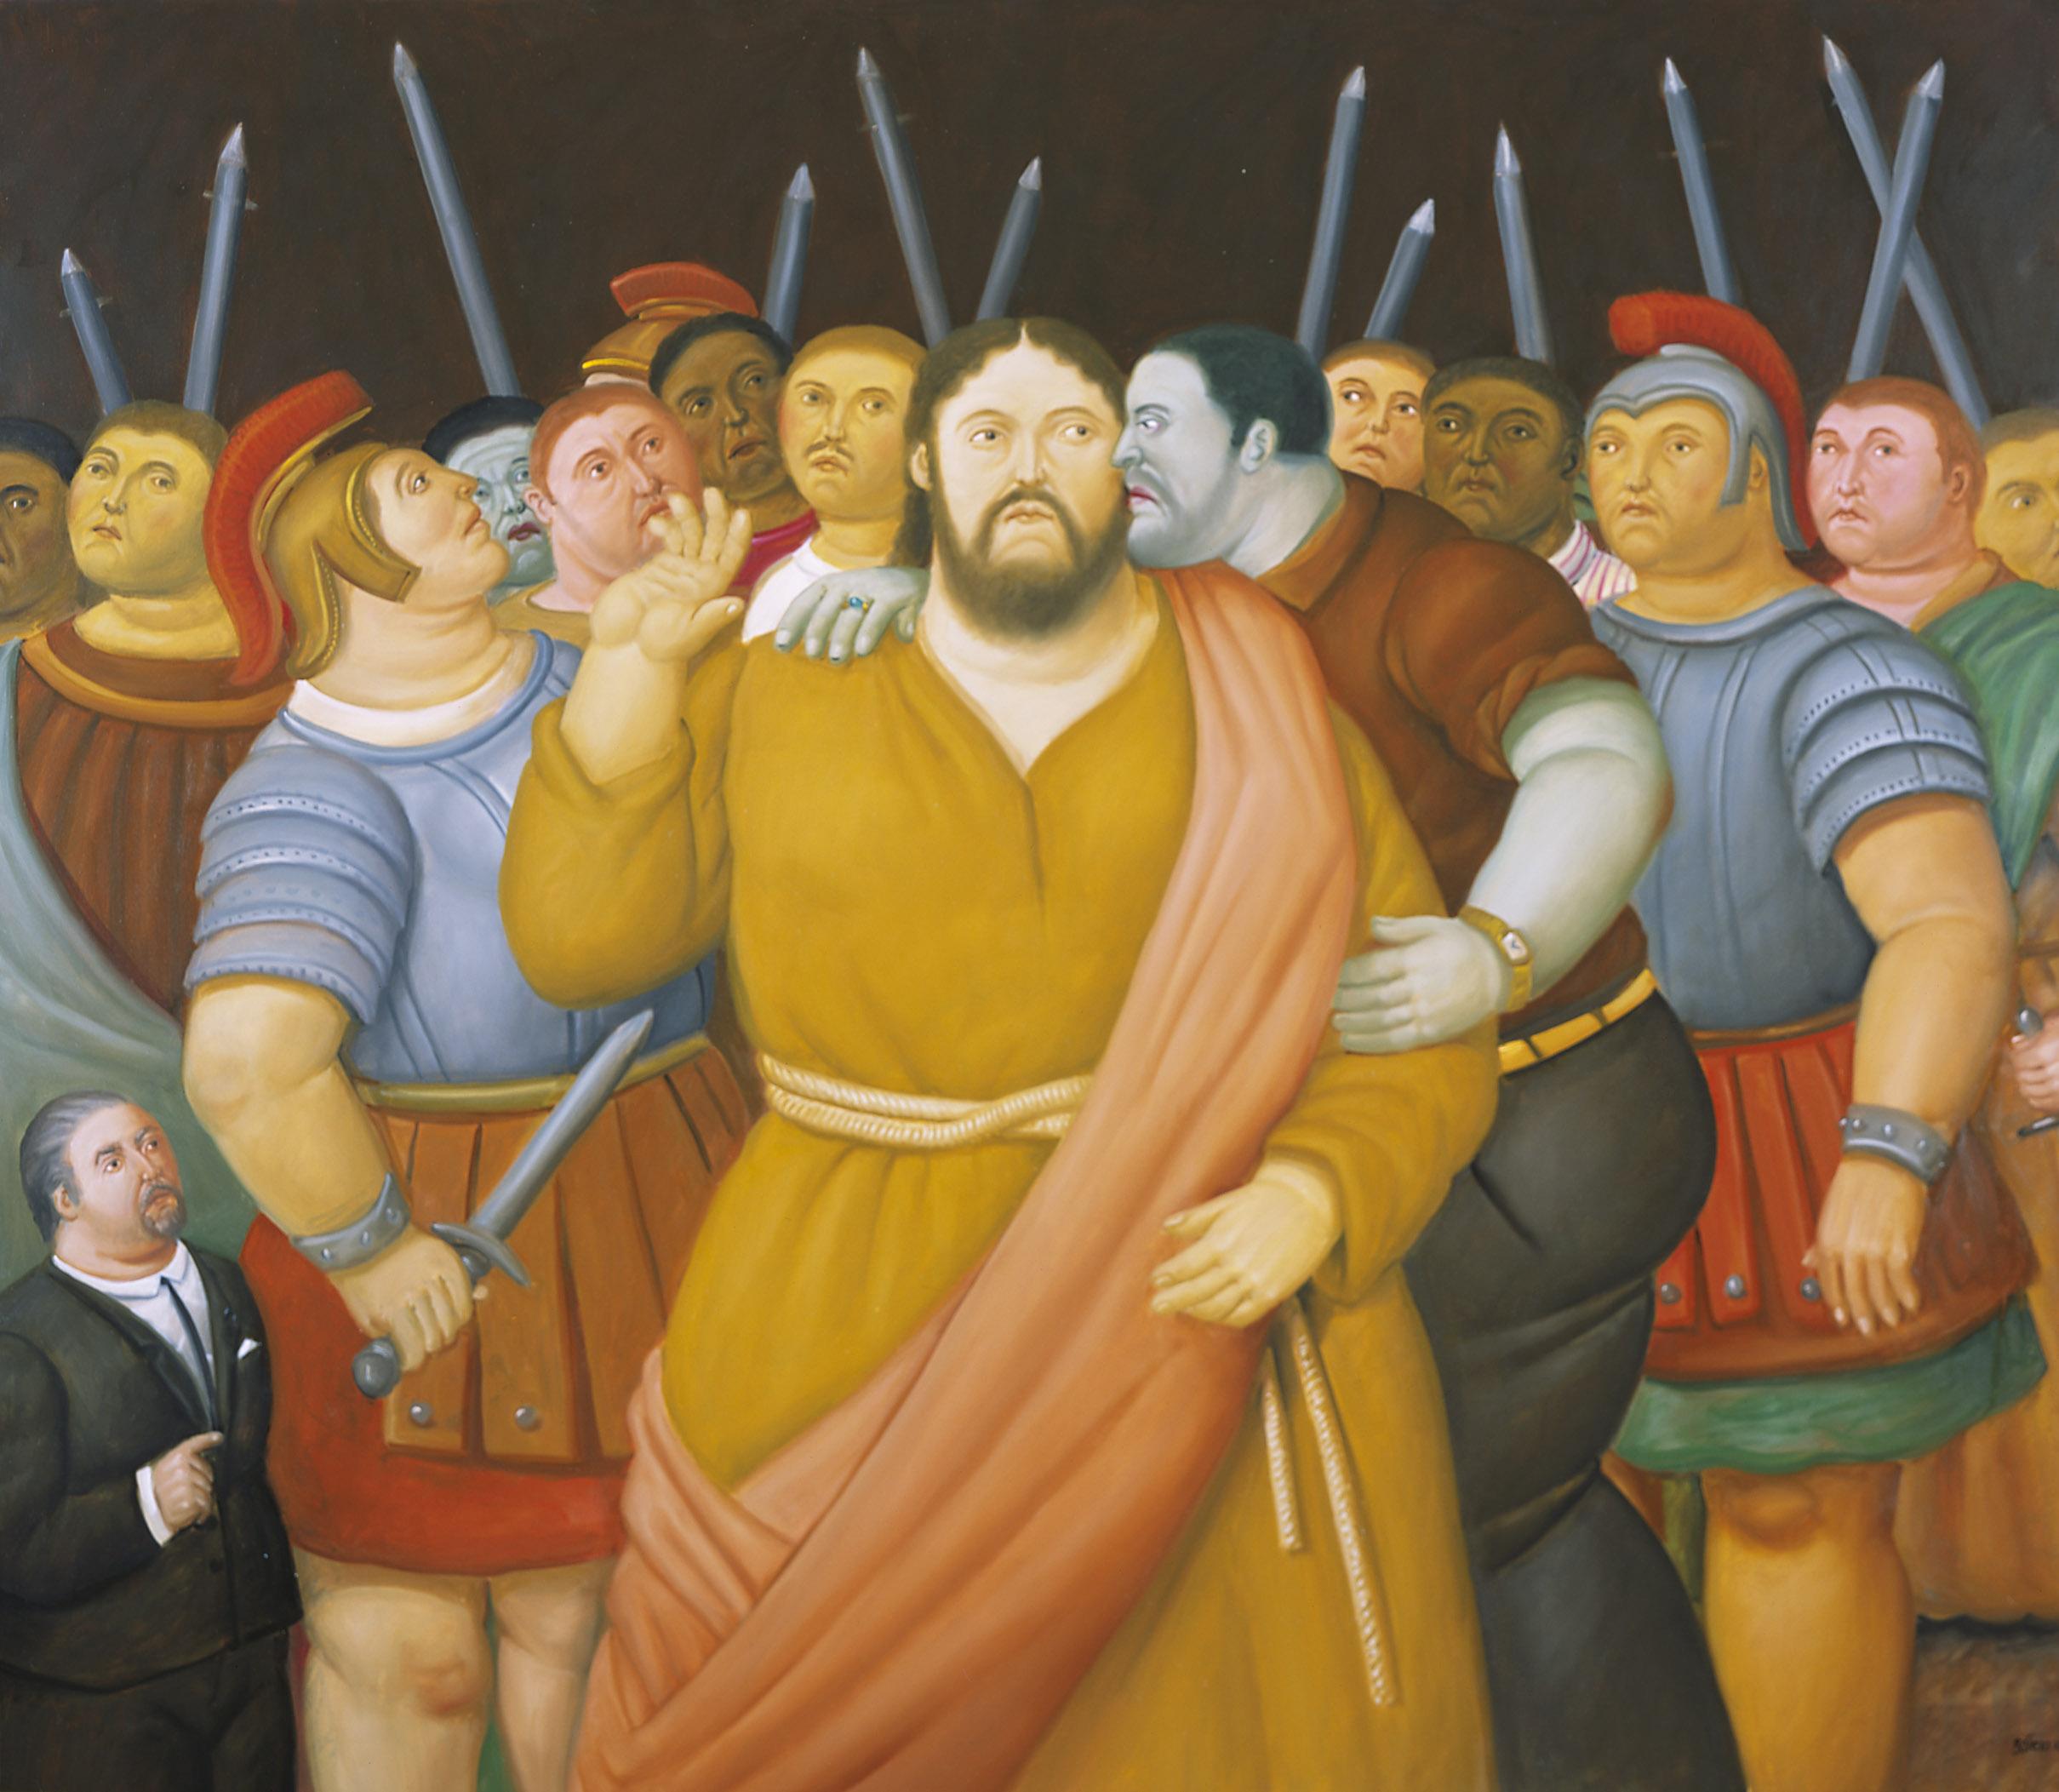 El beso de Judas, 2010 Il bacio di Giuda / The Kiss of Judas Olio su tela / Oil on canvas 138 x 159 cm Medellín, Museo de Antioquia